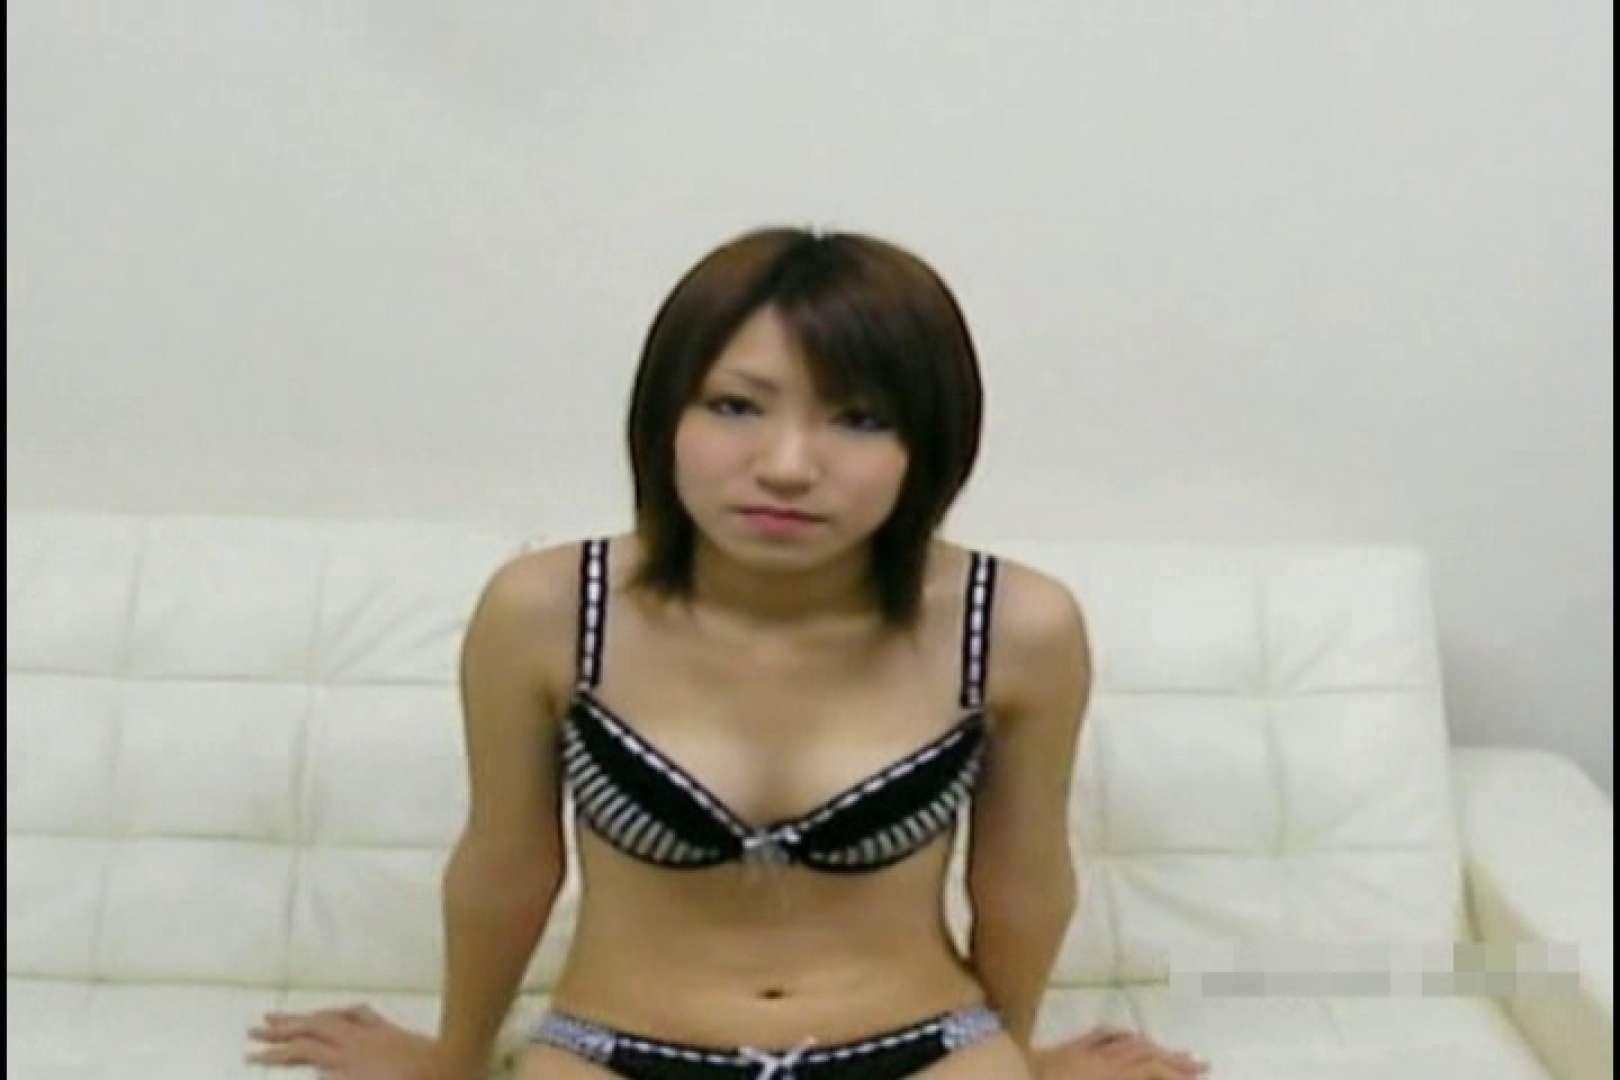 素人撮影 下着だけの撮影のはずが・・・れみ18歳 おっぱい娘 | 素人ギャル女  79連発 41